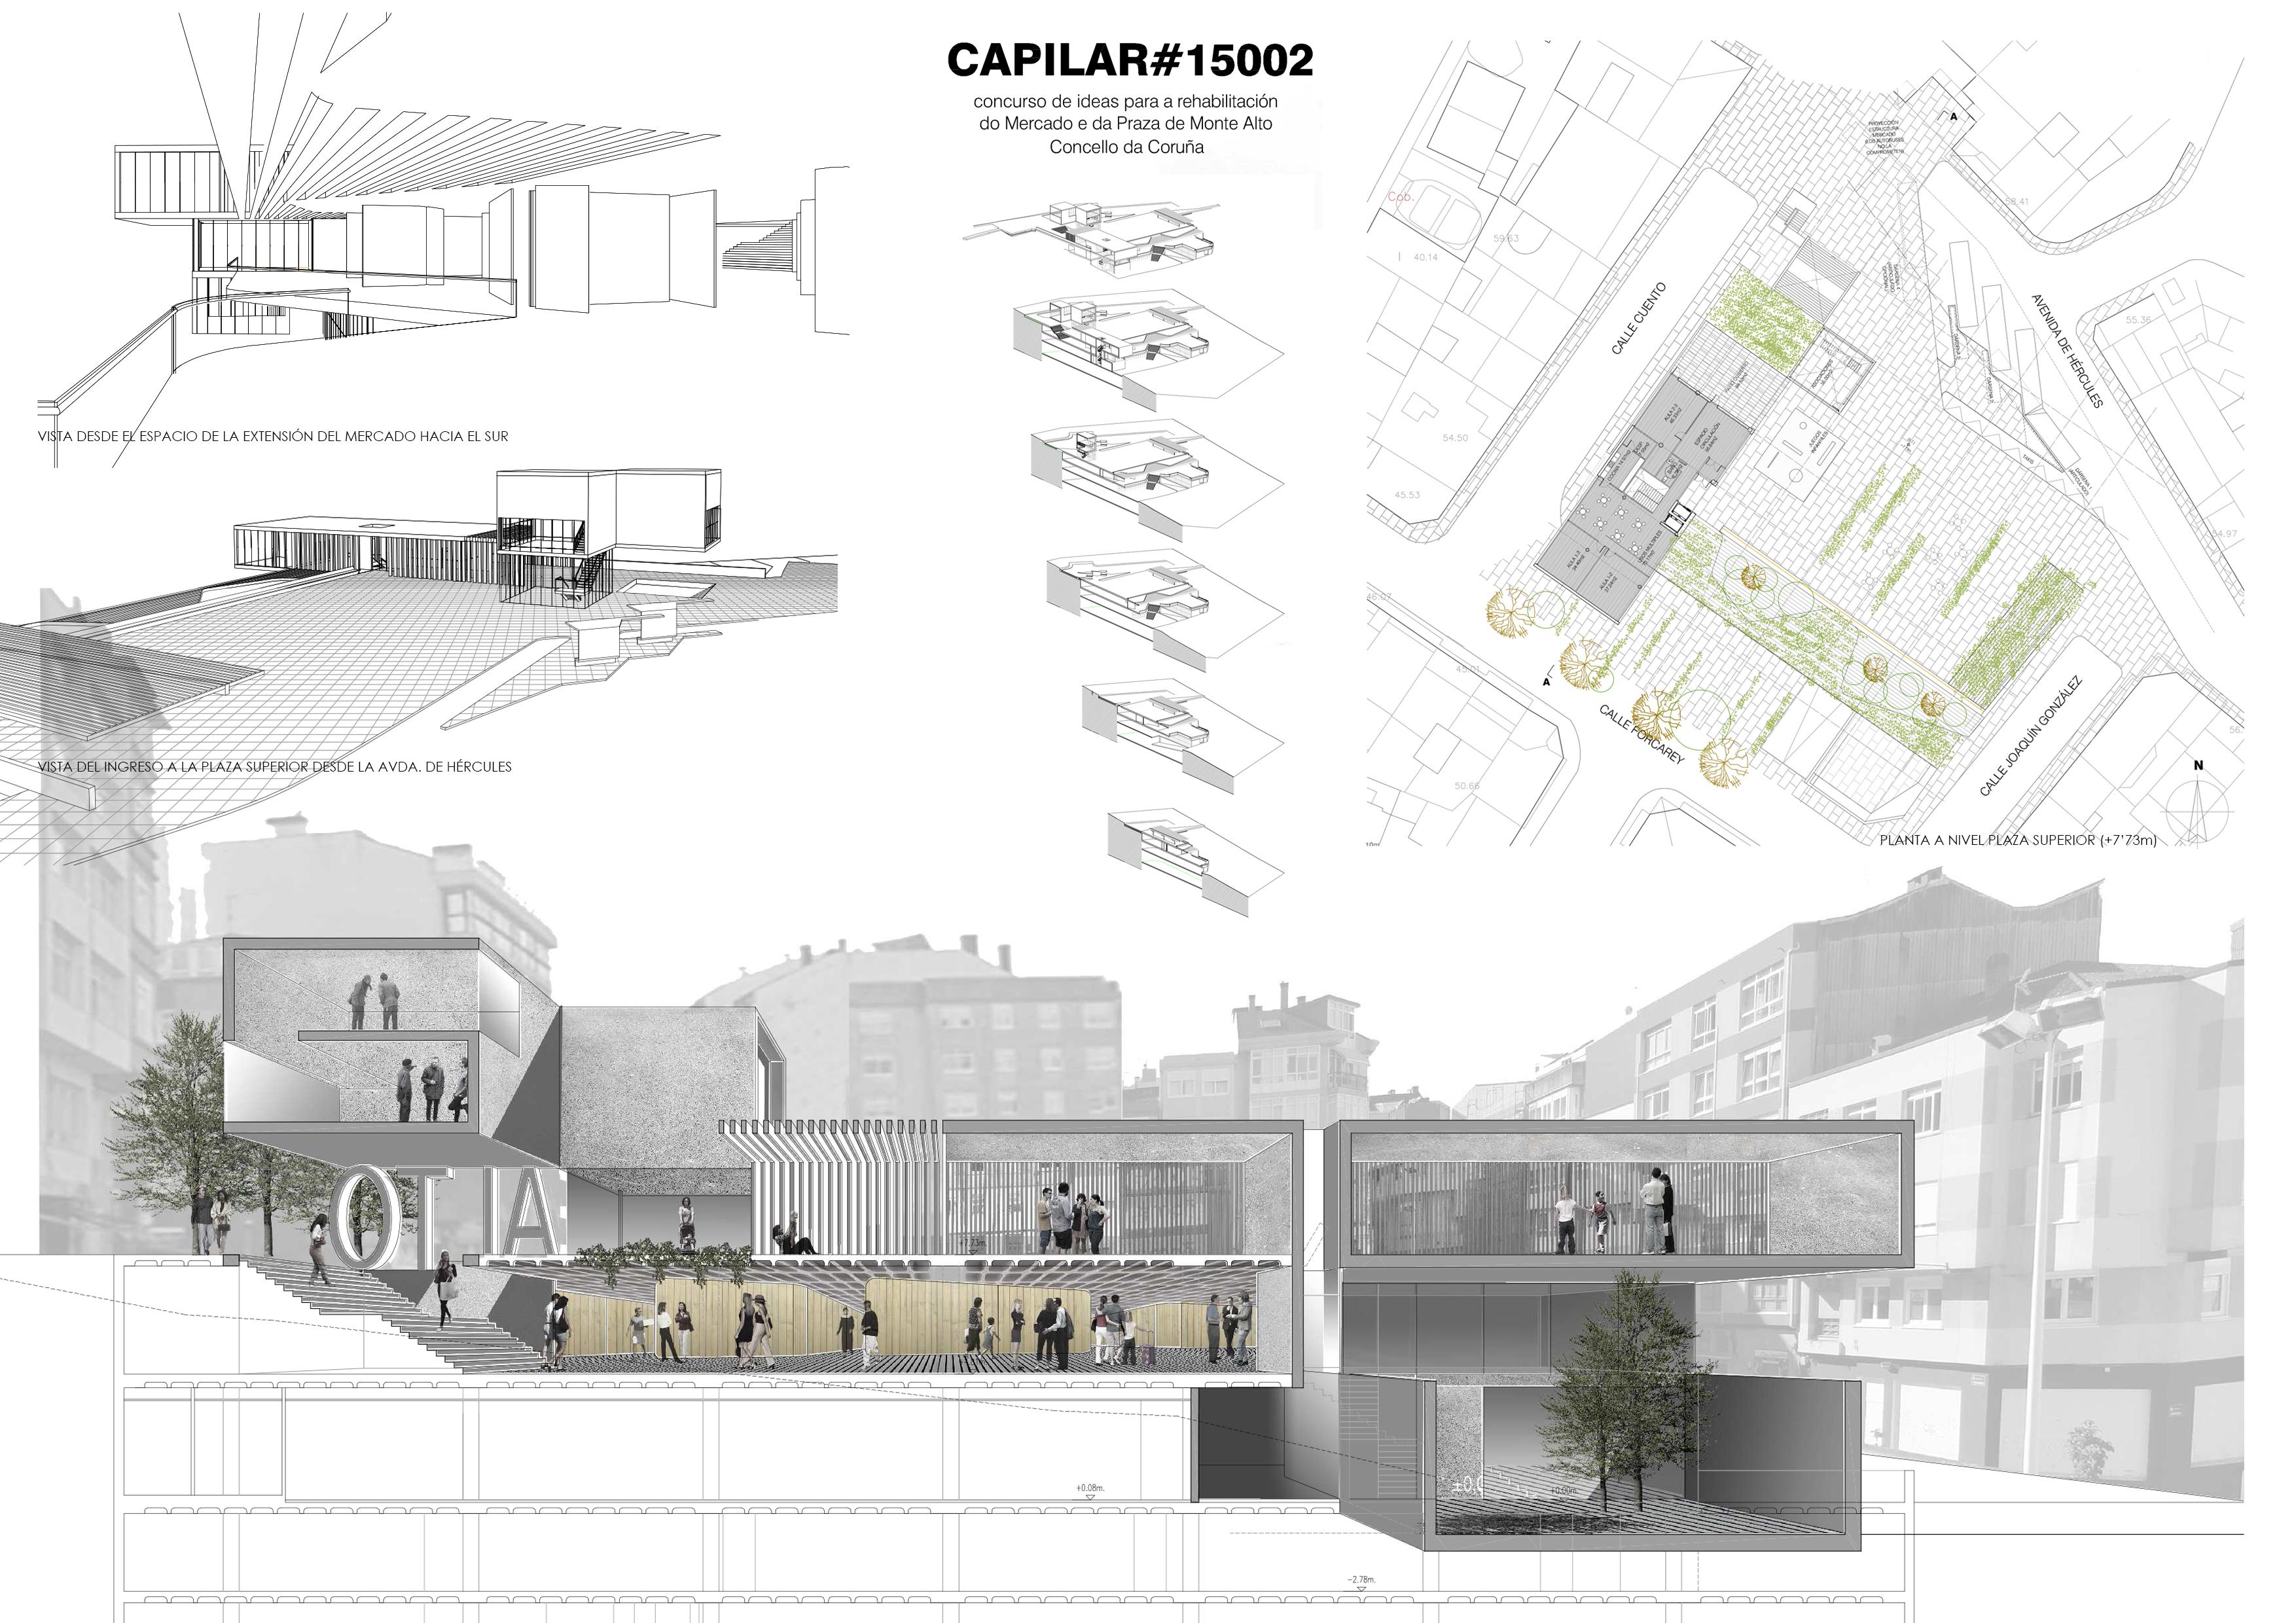 Concurso de arquitectura rehabilitaci n mercado y plaza - Arquitectura de interiores coruna ...